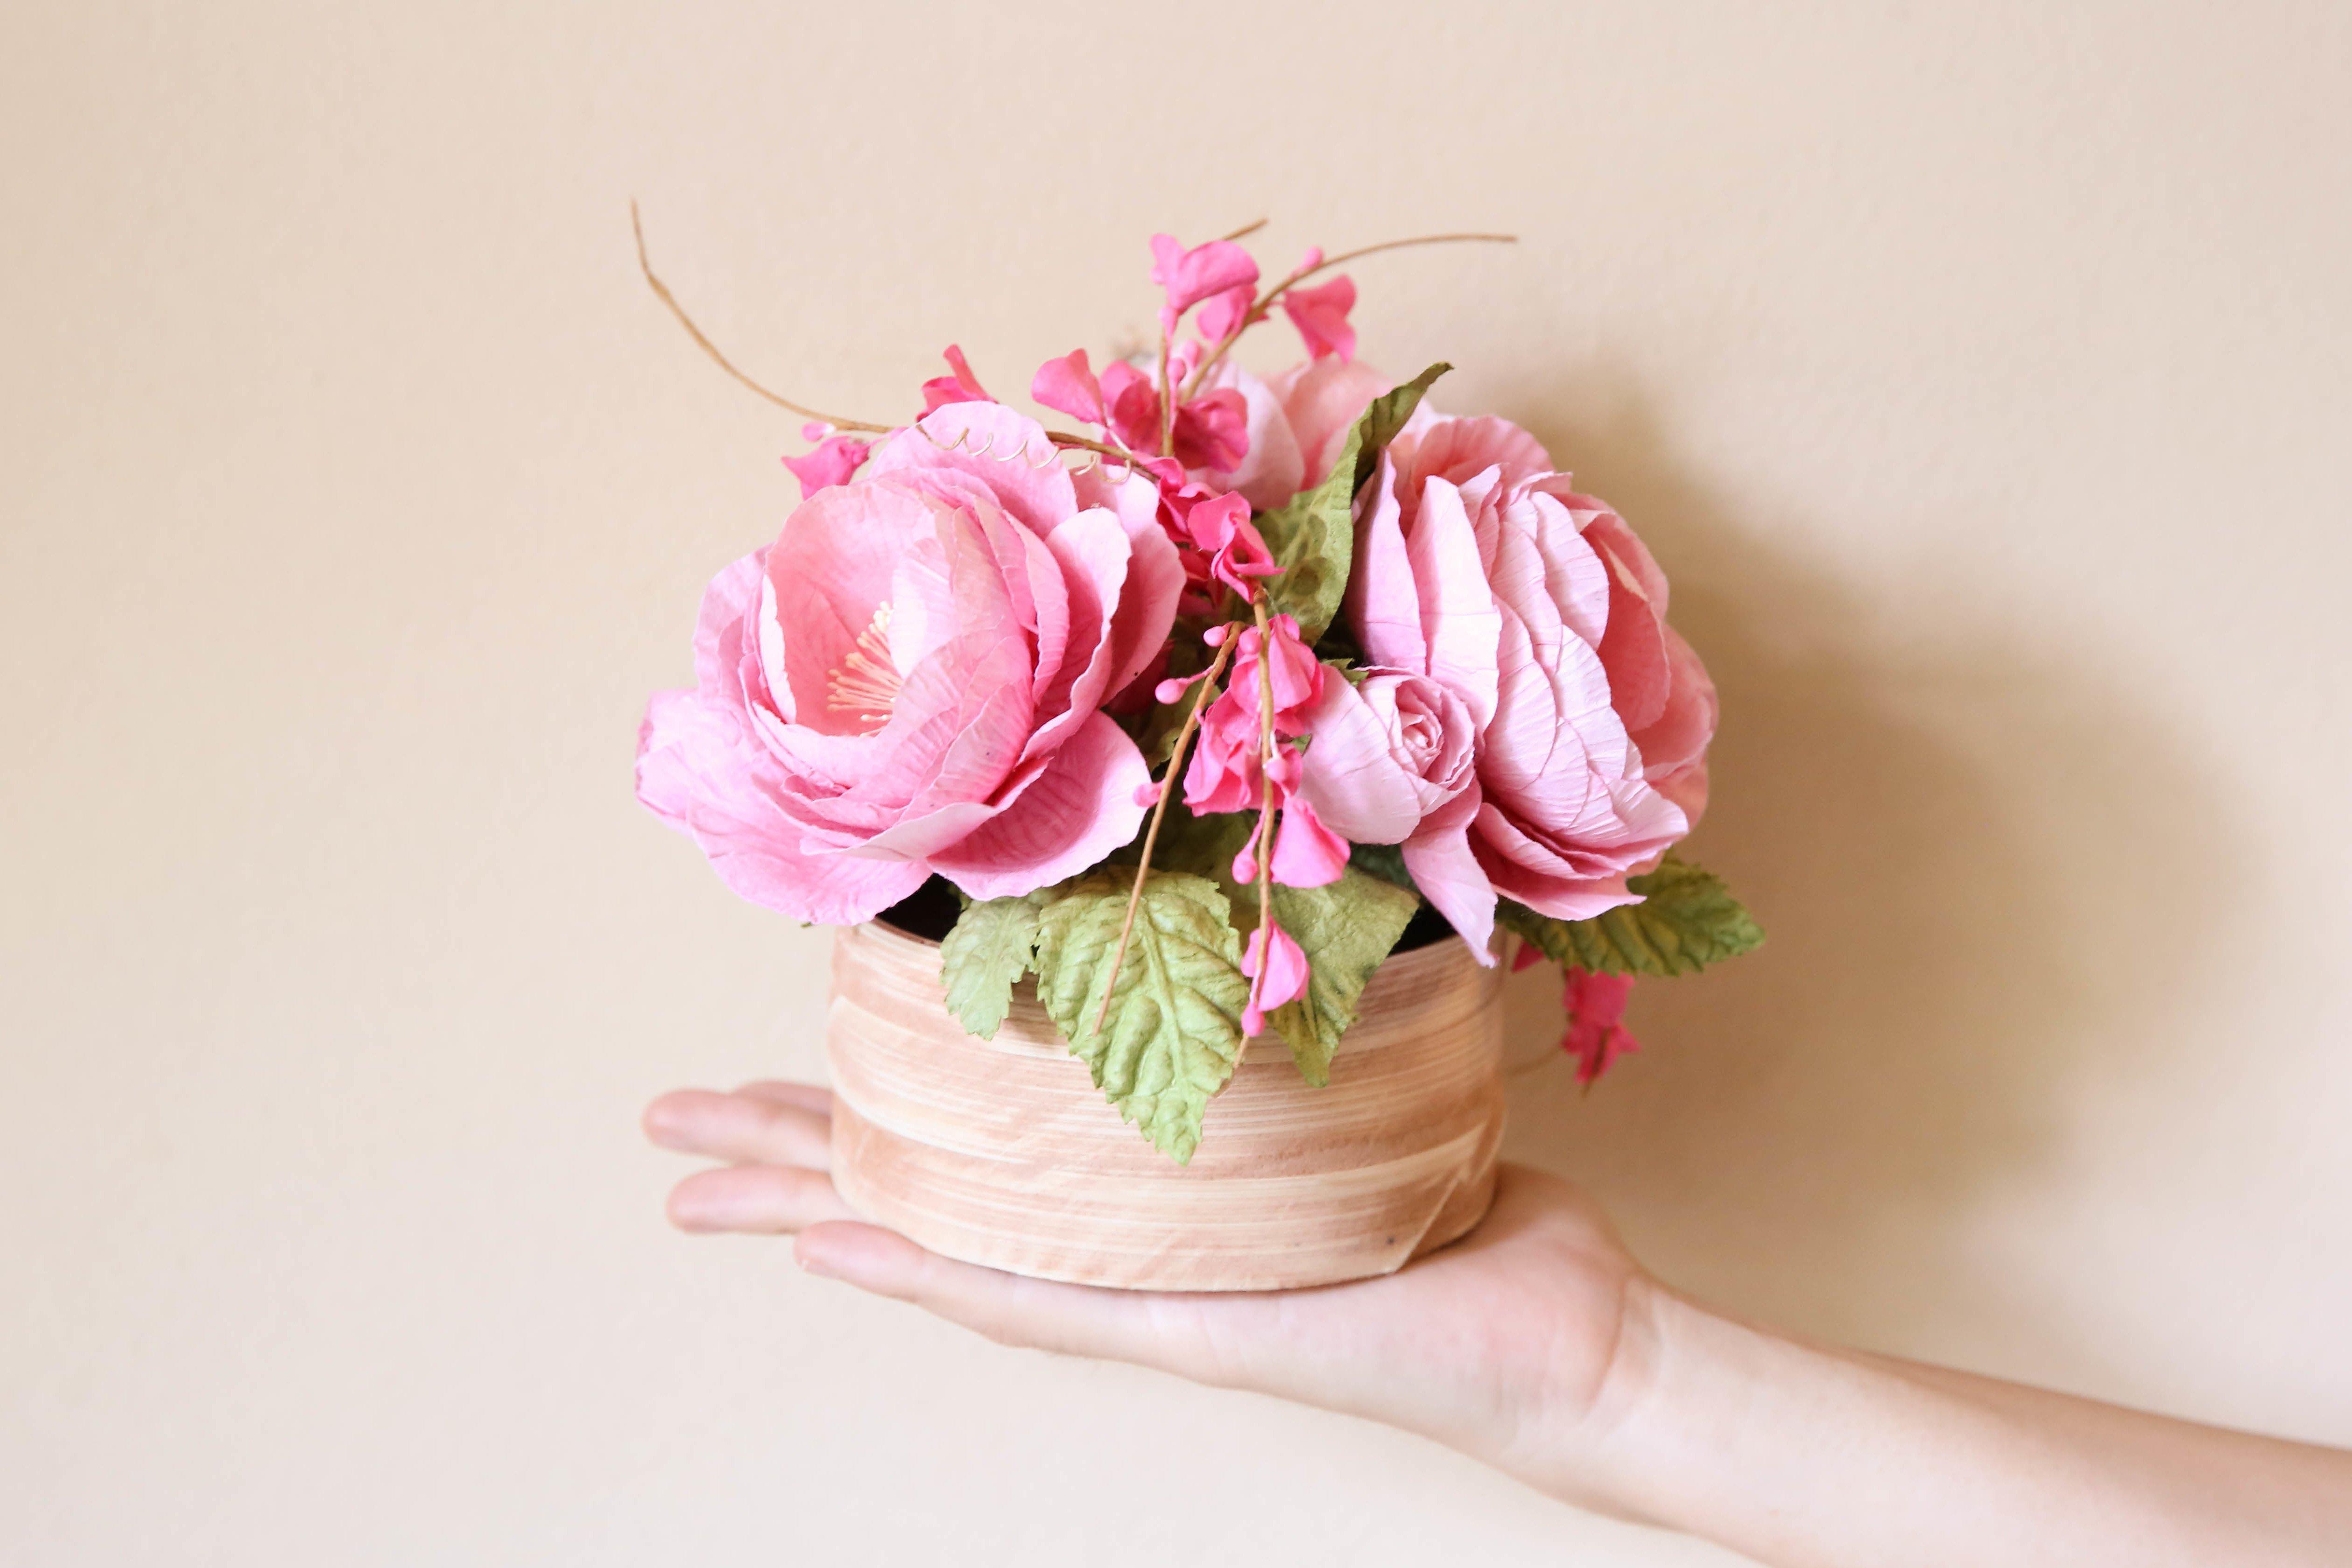 Bastelanleitungen für Zuhause: Blumen aus Krepppapier